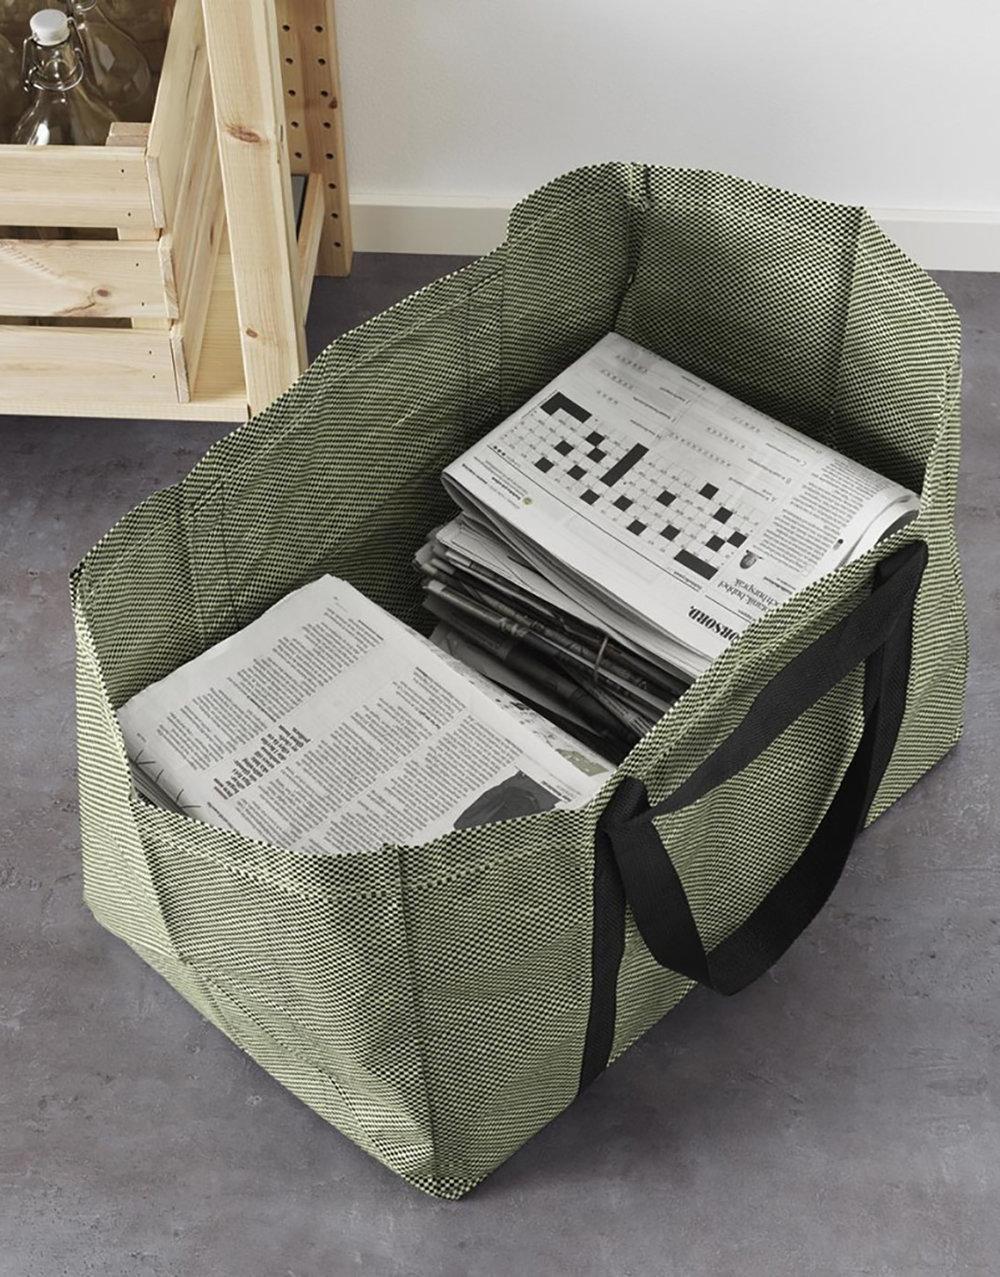 IKEA_HAY_decor8_02.jpg